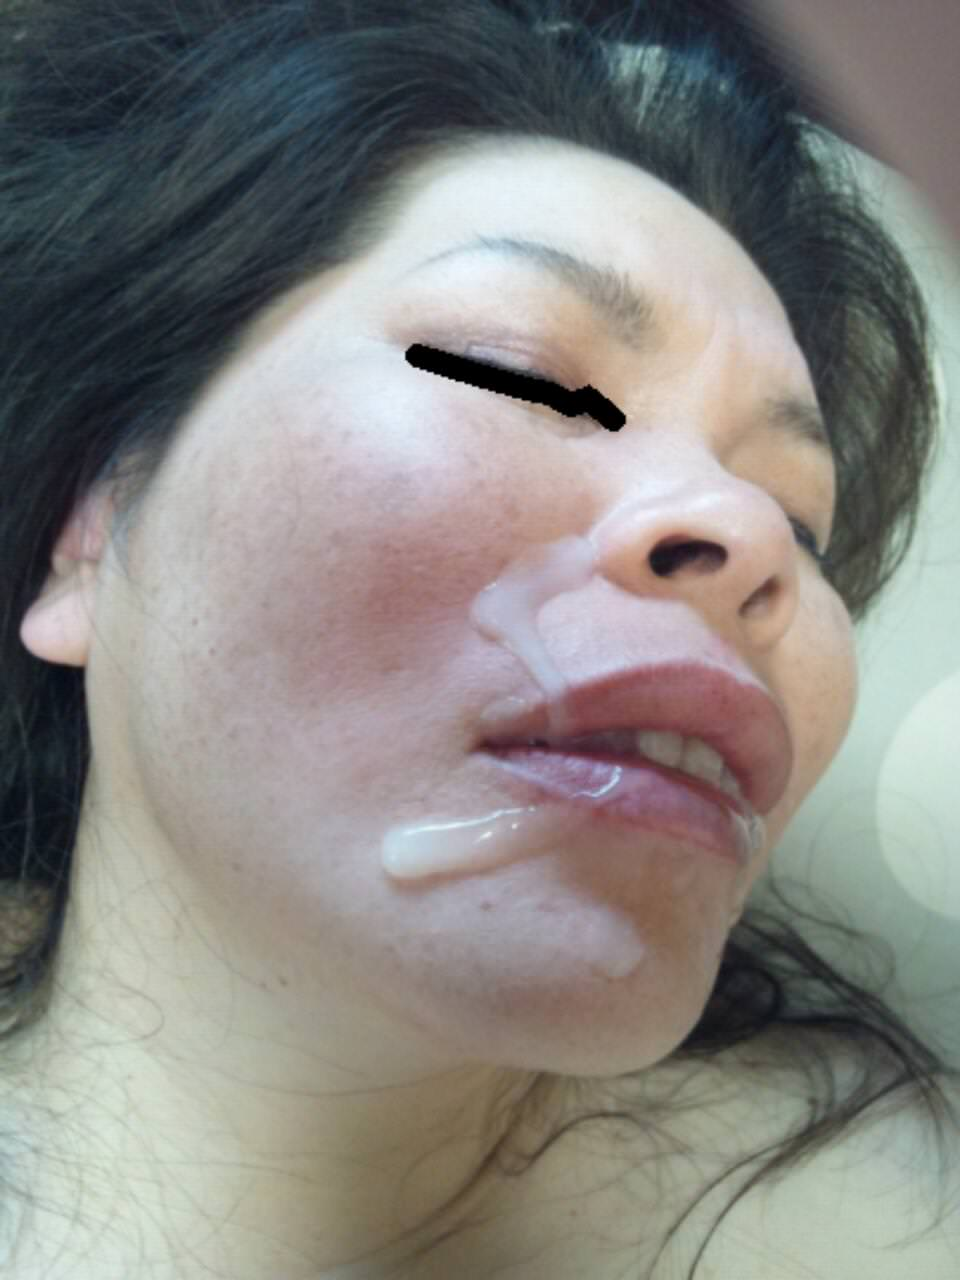 完全素人の女の子に大量顔射wwwこってりした精子が生々しすぎるwwww 2273